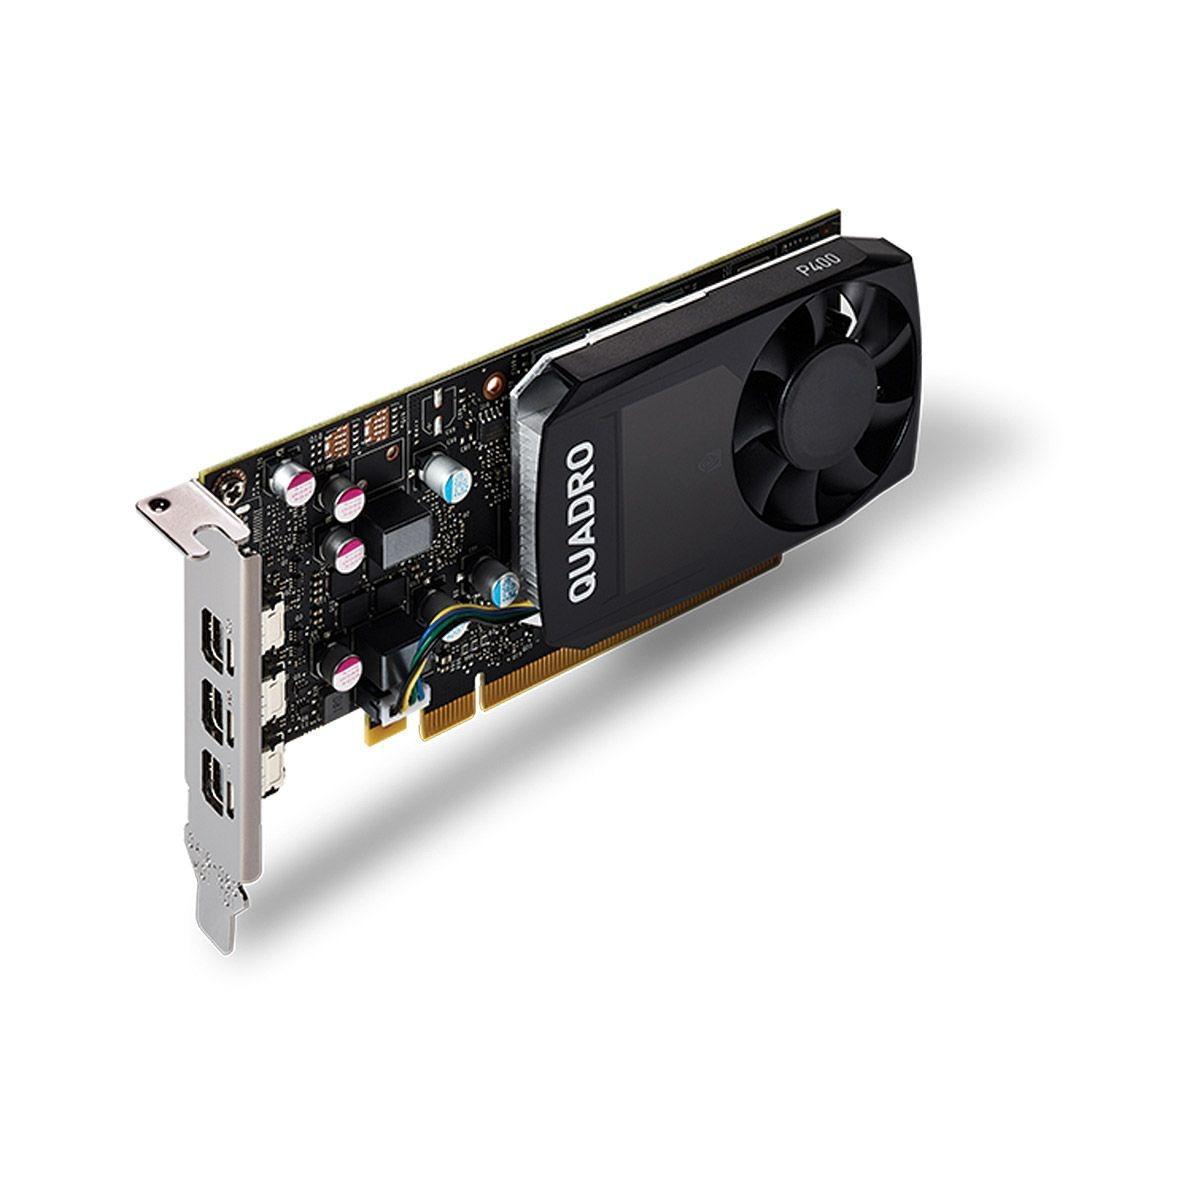 Quadro P400 2 Gb DDR5